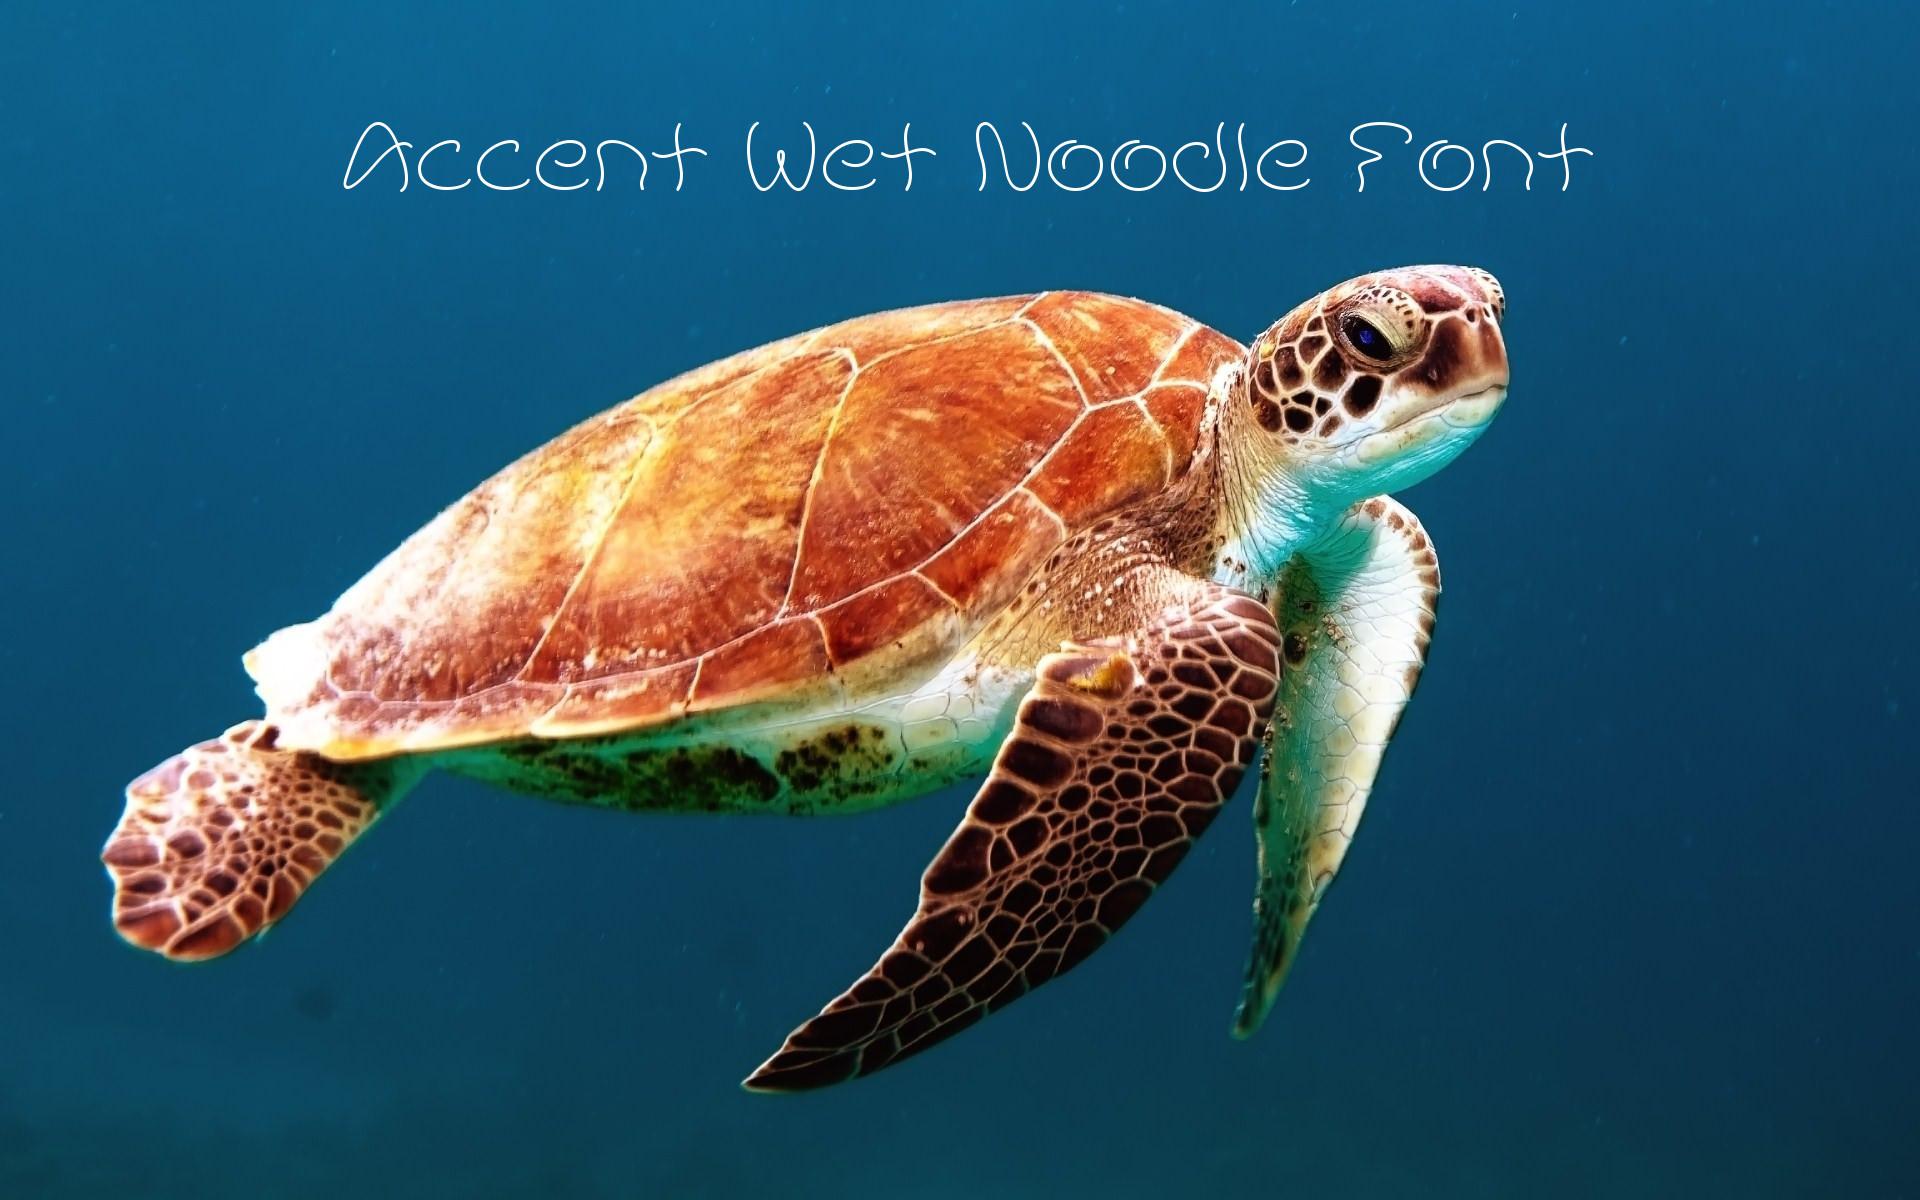 Accent Wet Noodle Font